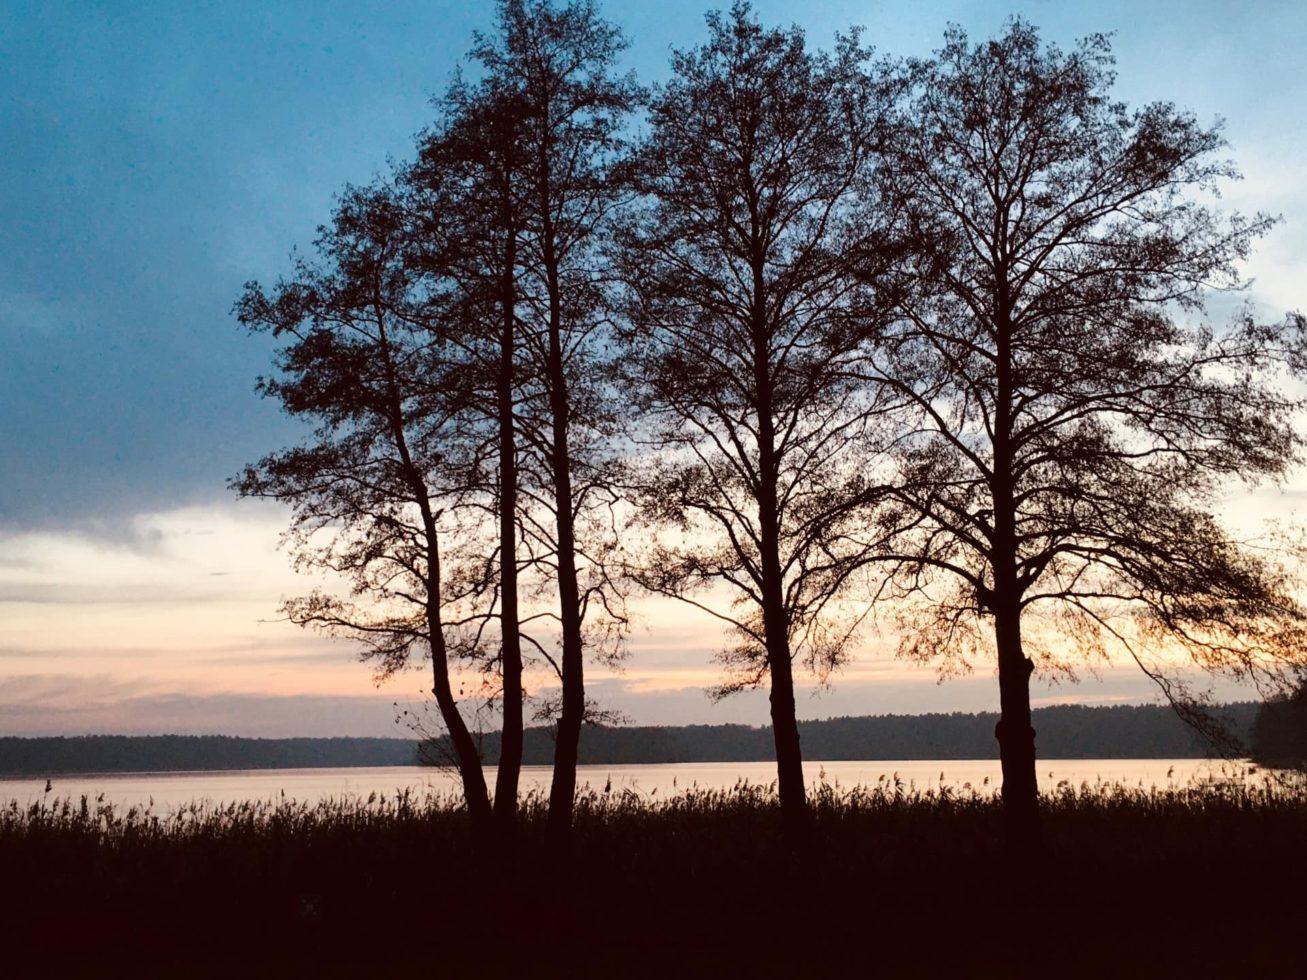 Heldenreise Uckermark Bäume am See